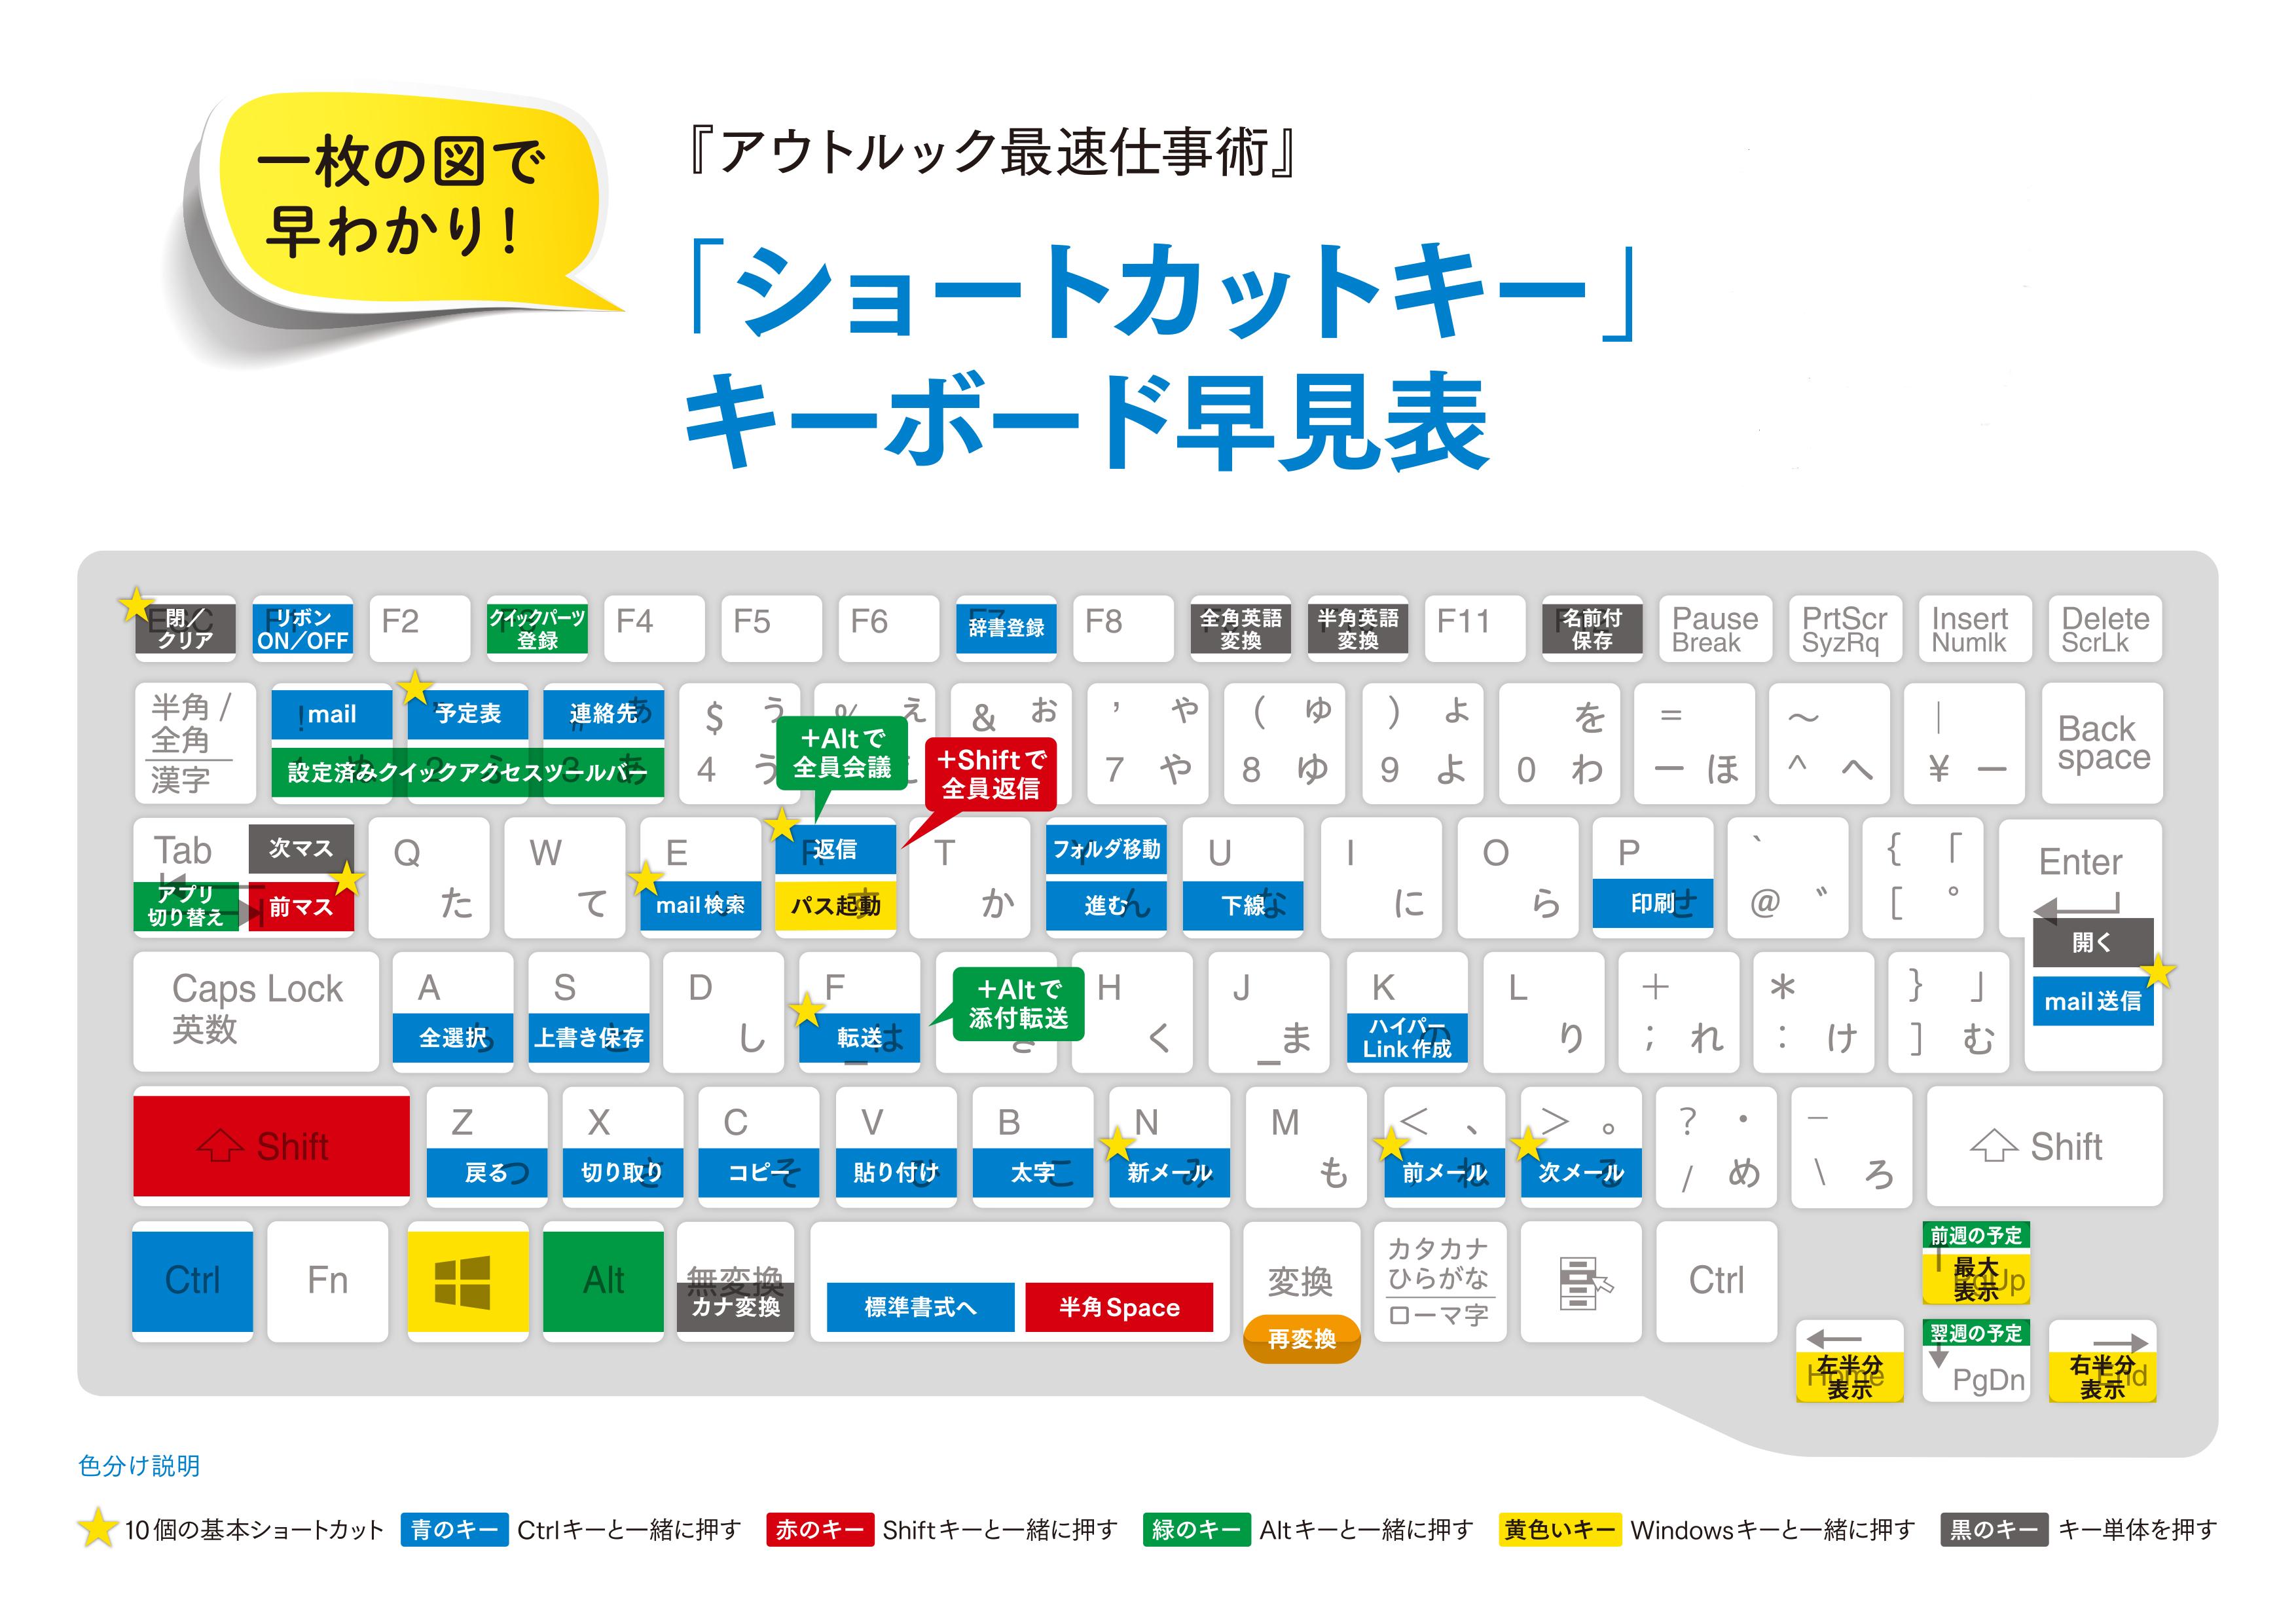 pdf 拡大表示 ショートカット